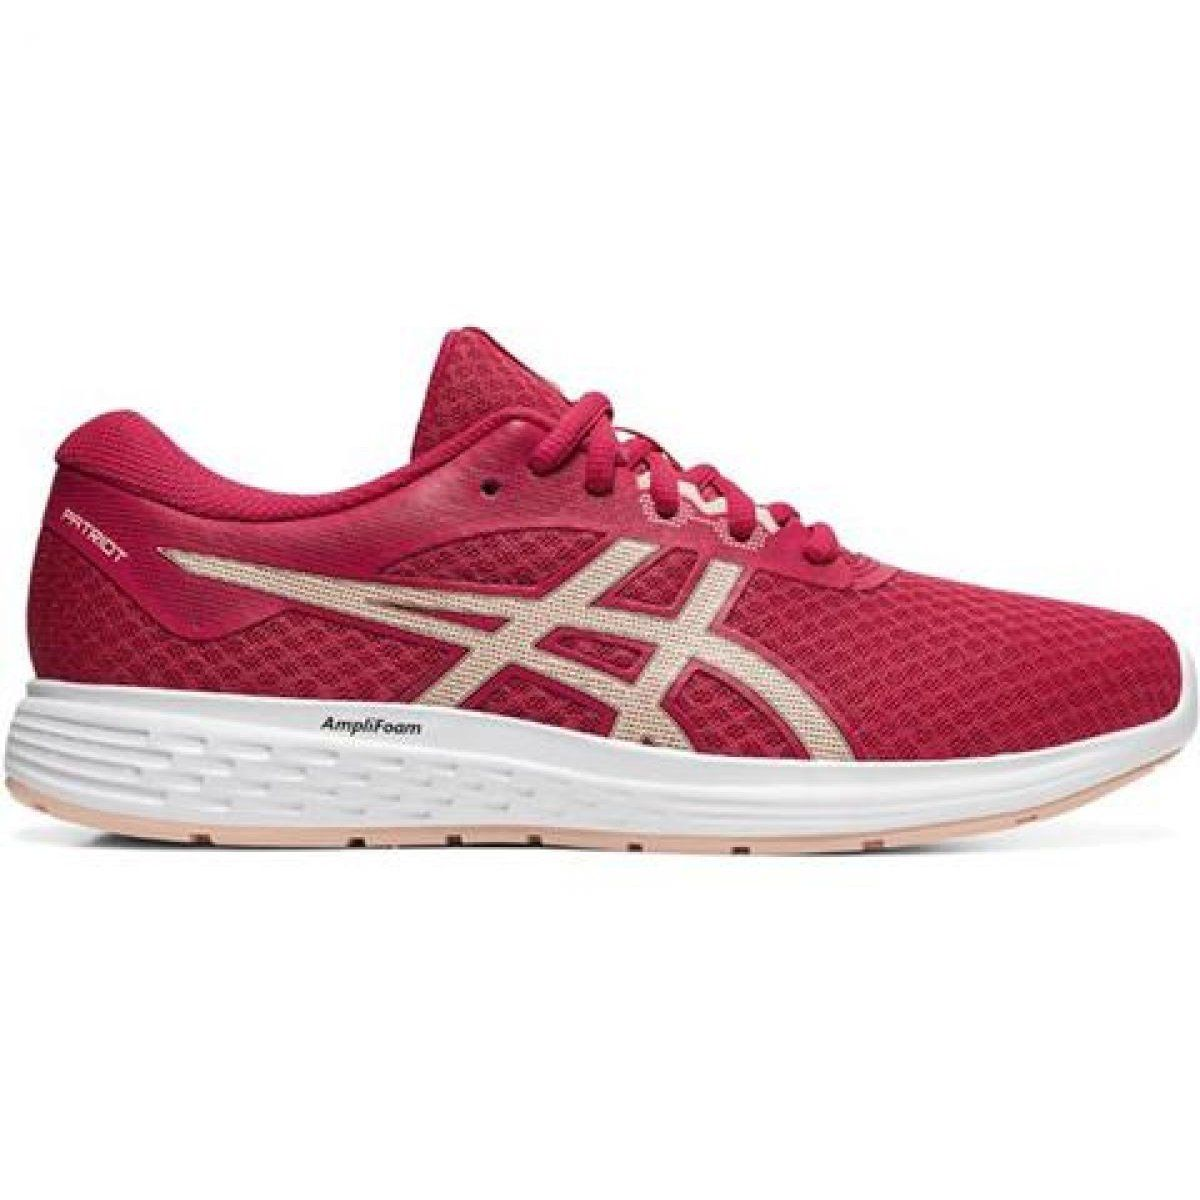 Buty Biegowe Asics Gel Patriot 11 W 1012a484 700 Rozowe Asics Running Shoes Womens Nike Running Shoes Women Womens Running Shoes